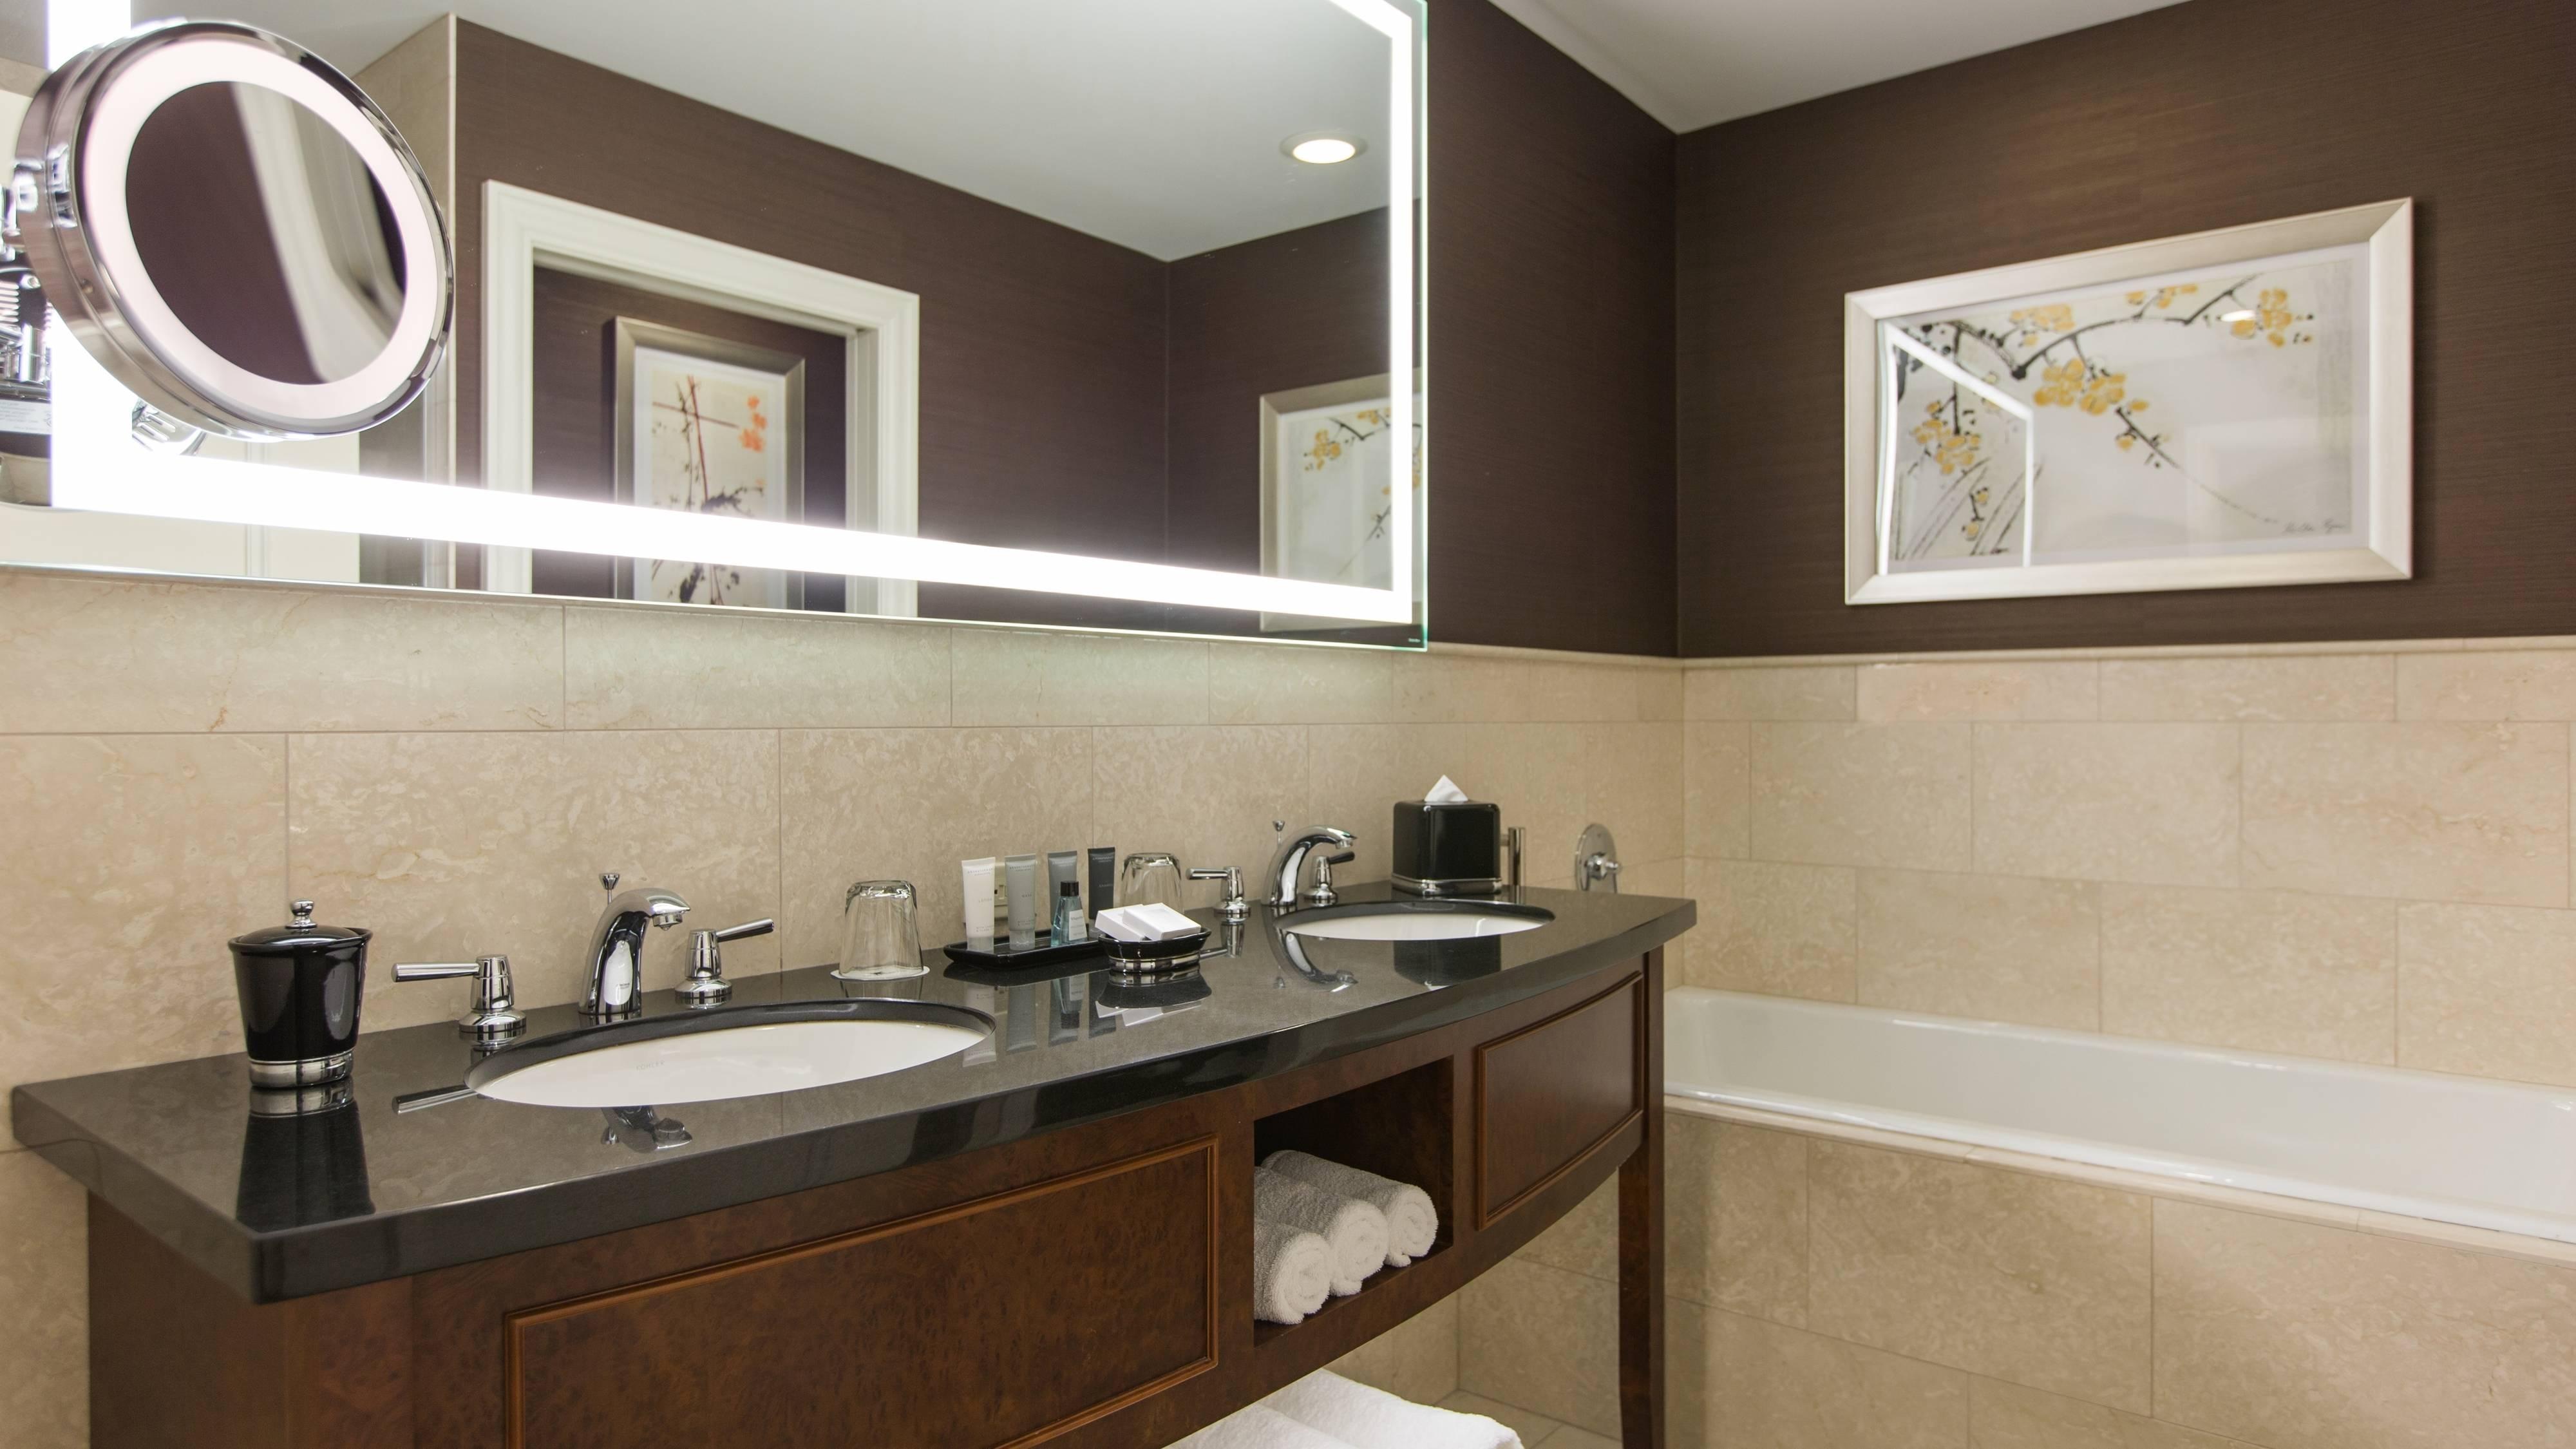 Baño de la habitación del hotel en Chicago